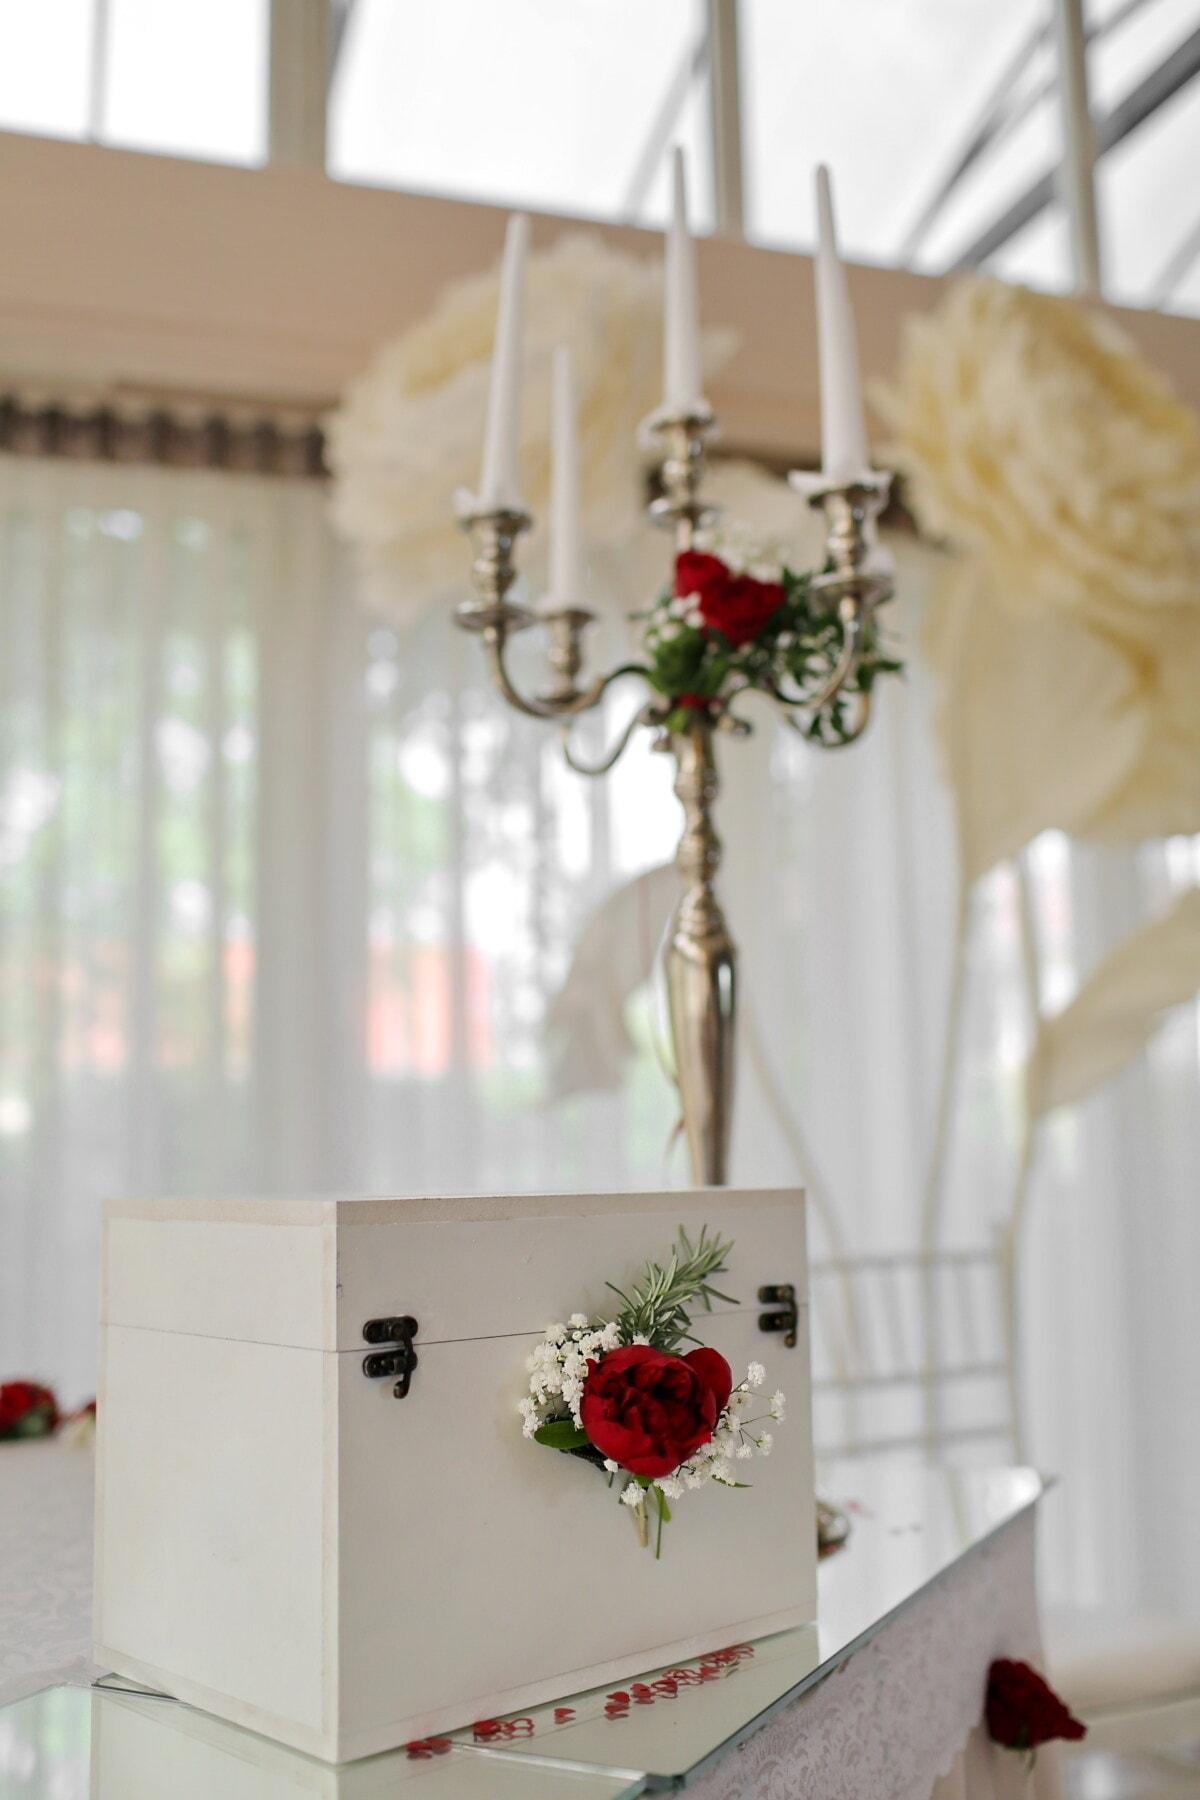 La Saint-Valentin, aux chandelles, bougies, cadeaux, boîte, surprise, boîte de, Design d'intérieur, à l'intérieur, élégant